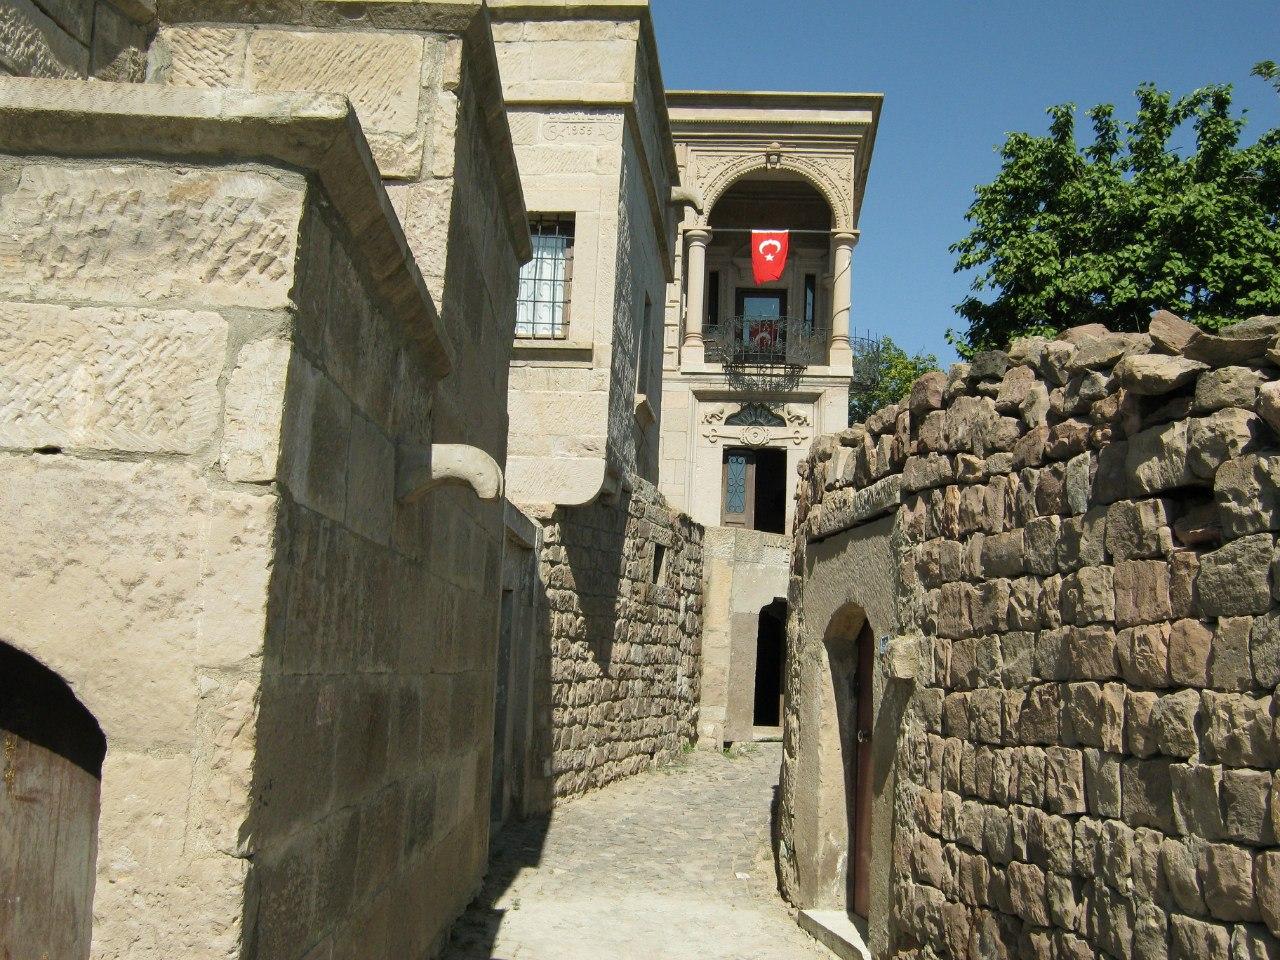 дом-музей Мимар Синан